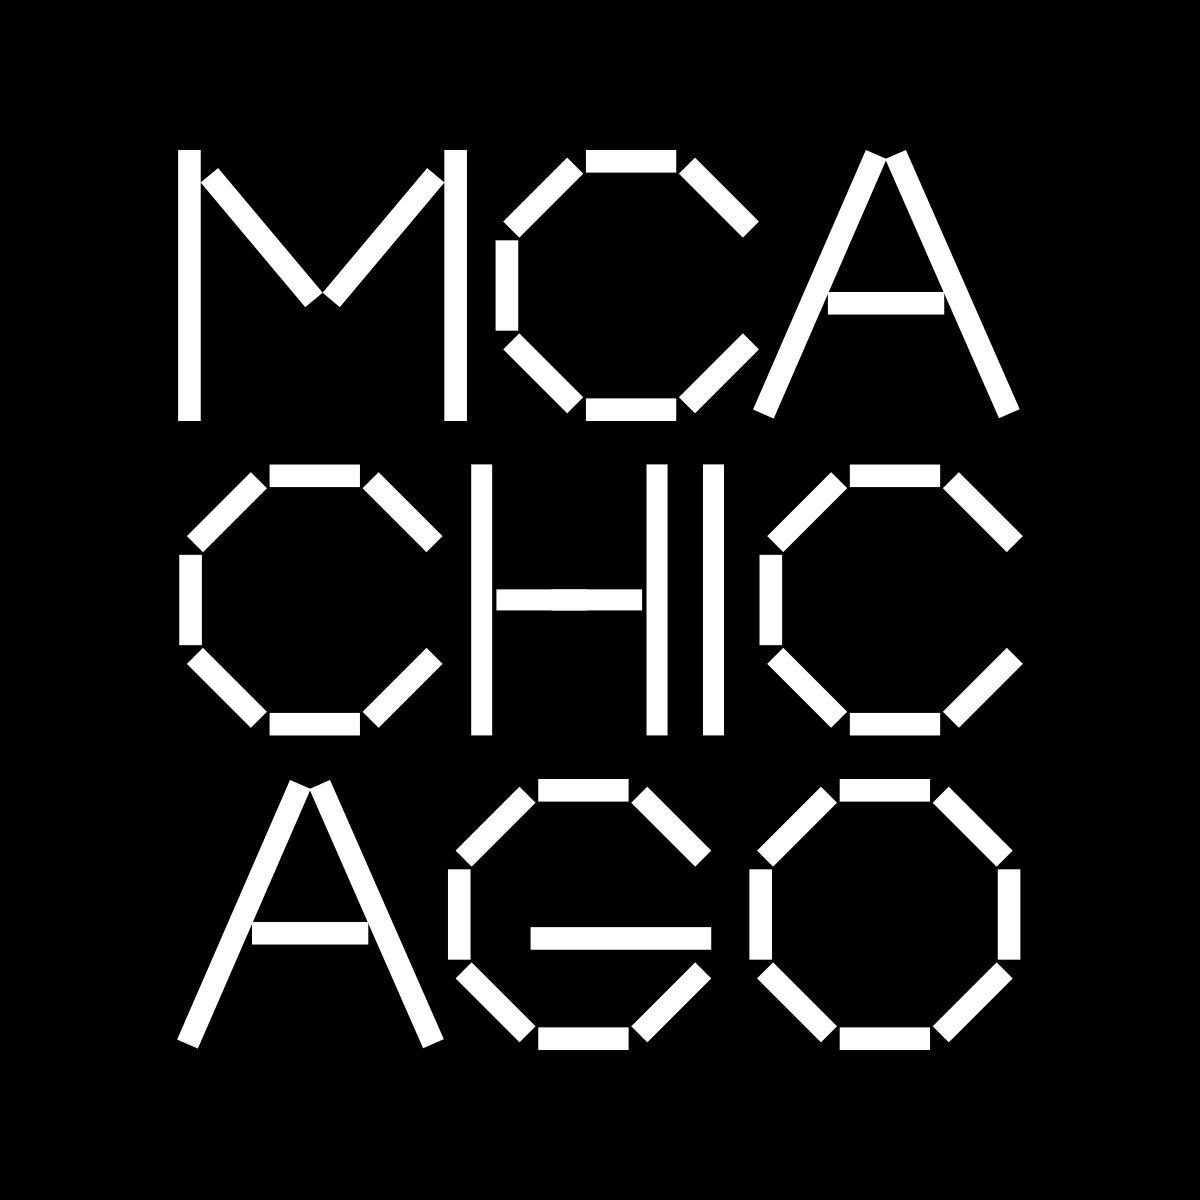 01b_mca_logo_two_units_black.jpg